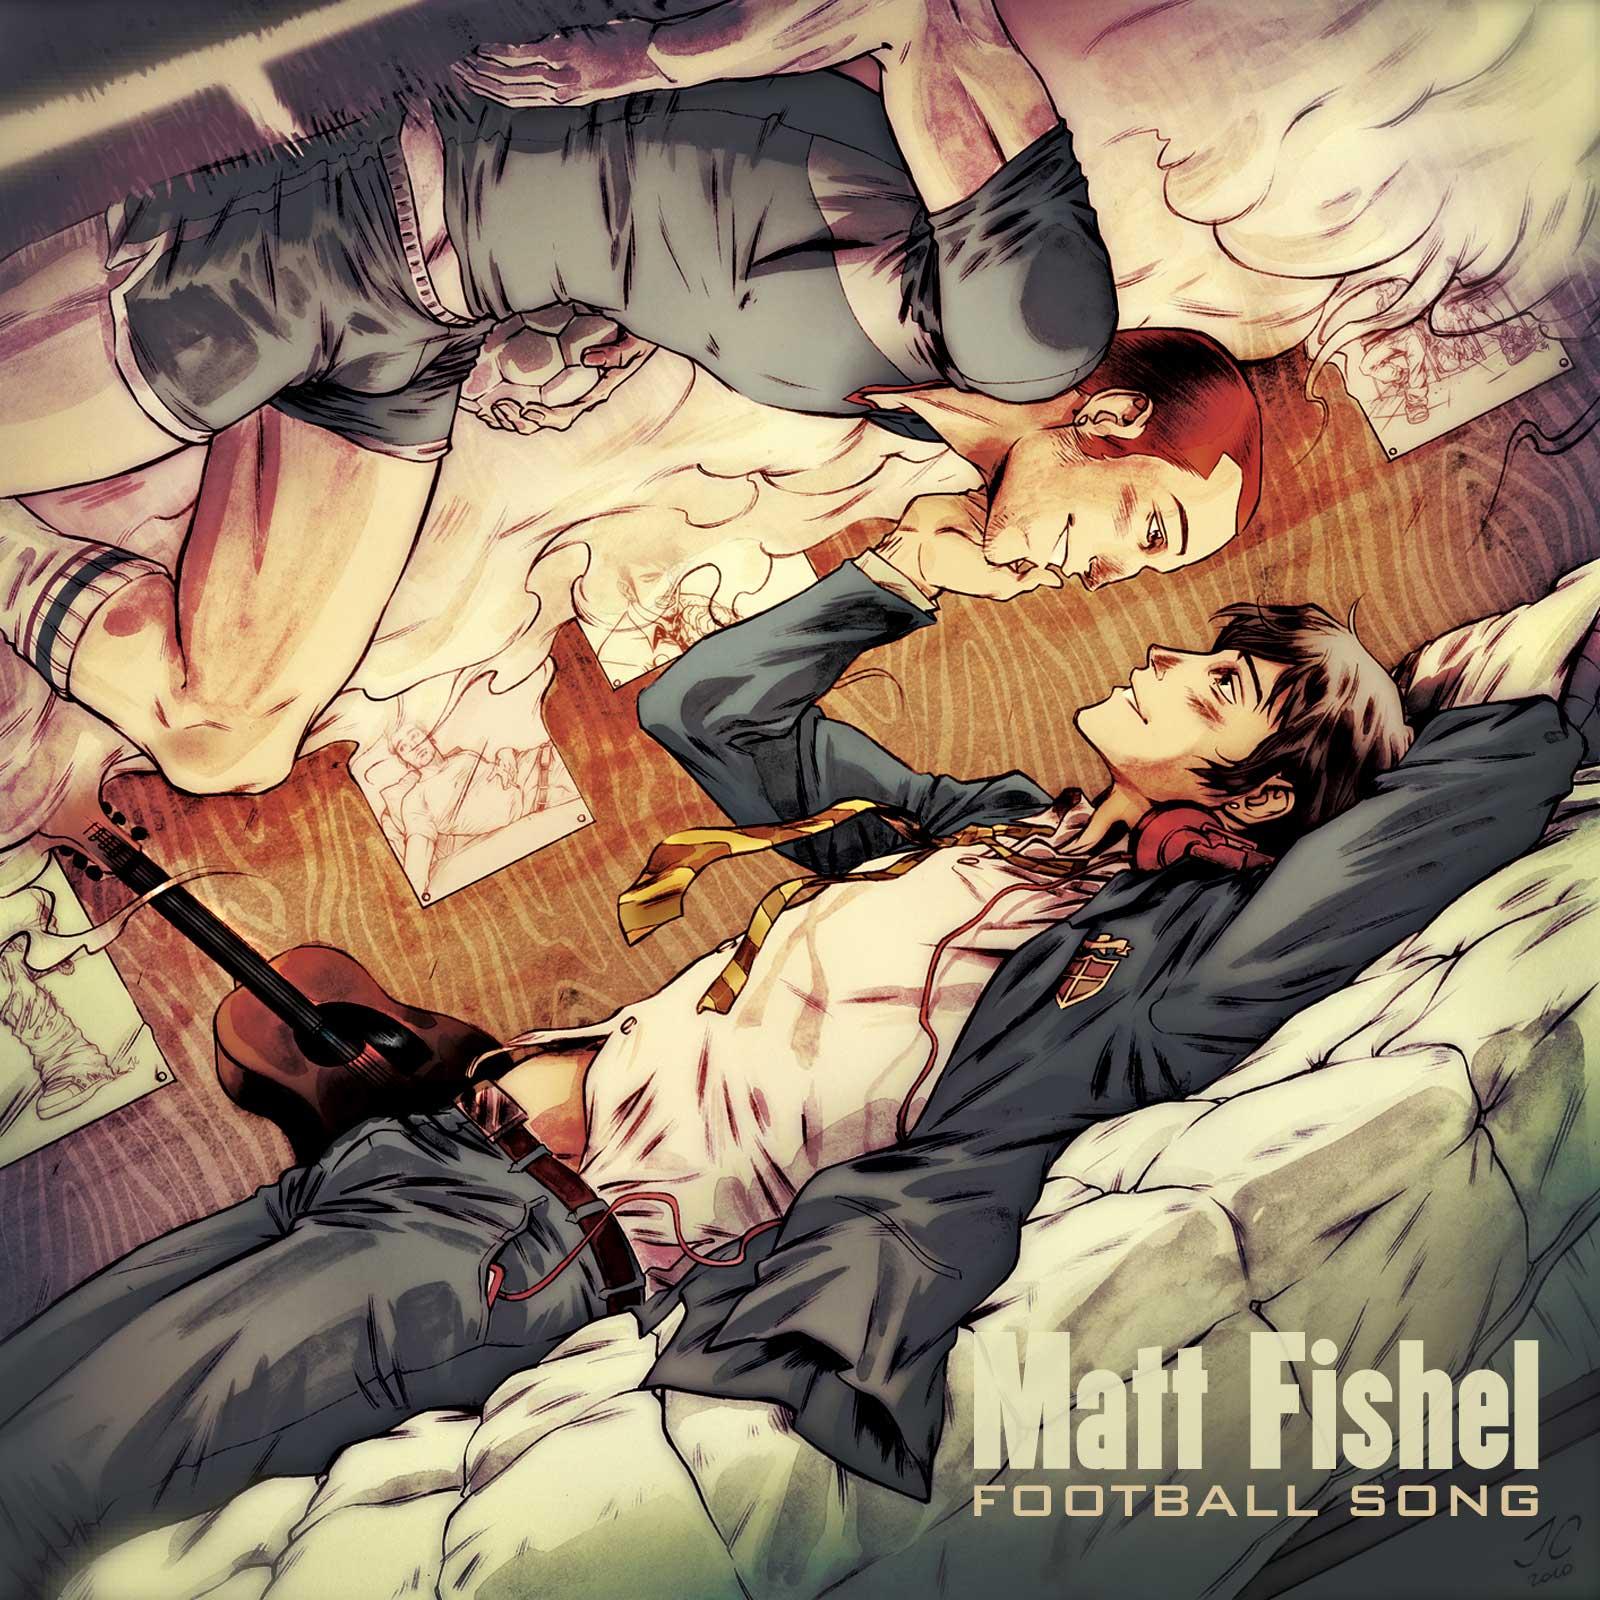 Matt_Fishel_Football_Song_Single_Art.jpg